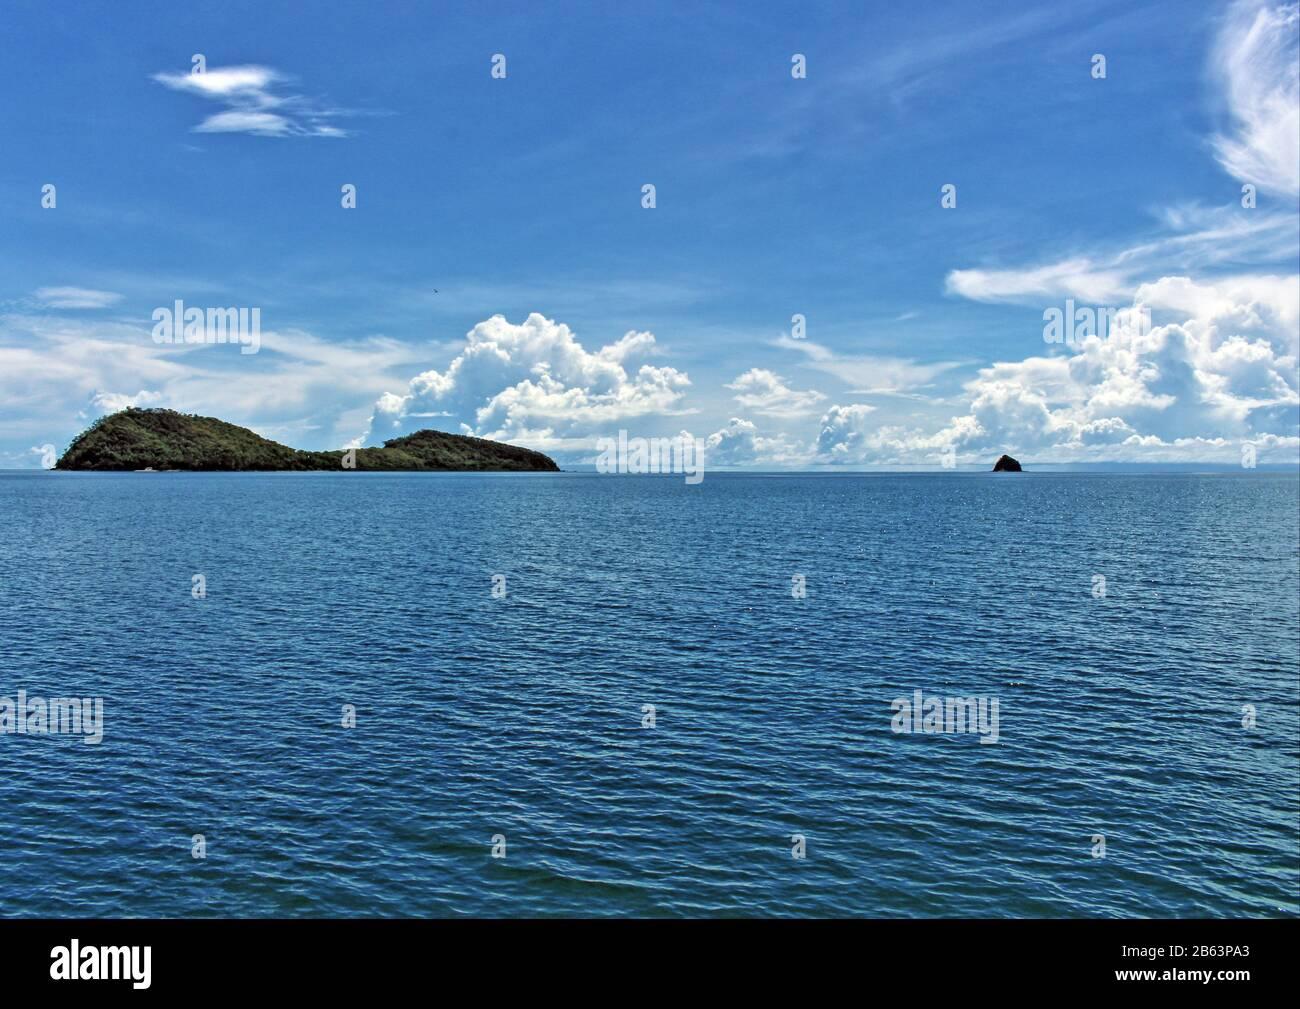 El blues de Double Island a Scout Hat (Haycock Island) en Haycock Reef en el Mar de Coral de Palm Cove en las playas del norte de Cairns FNQ Australia Foto de stock